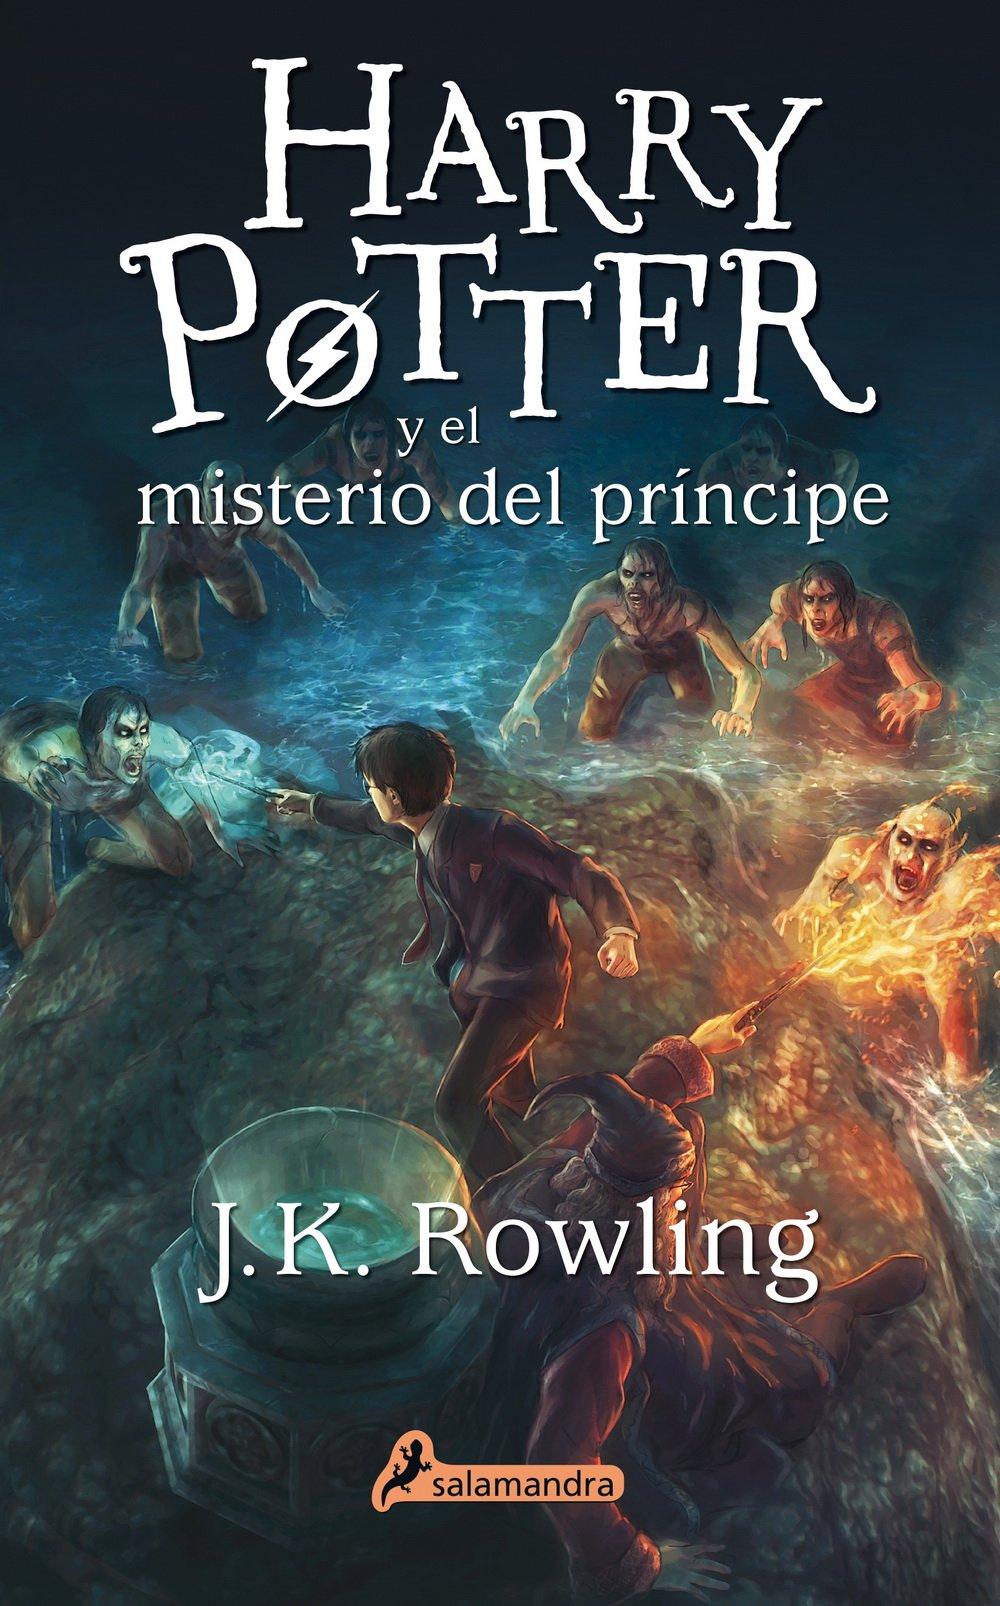 Harry Potter y el misterio del principe.jpg